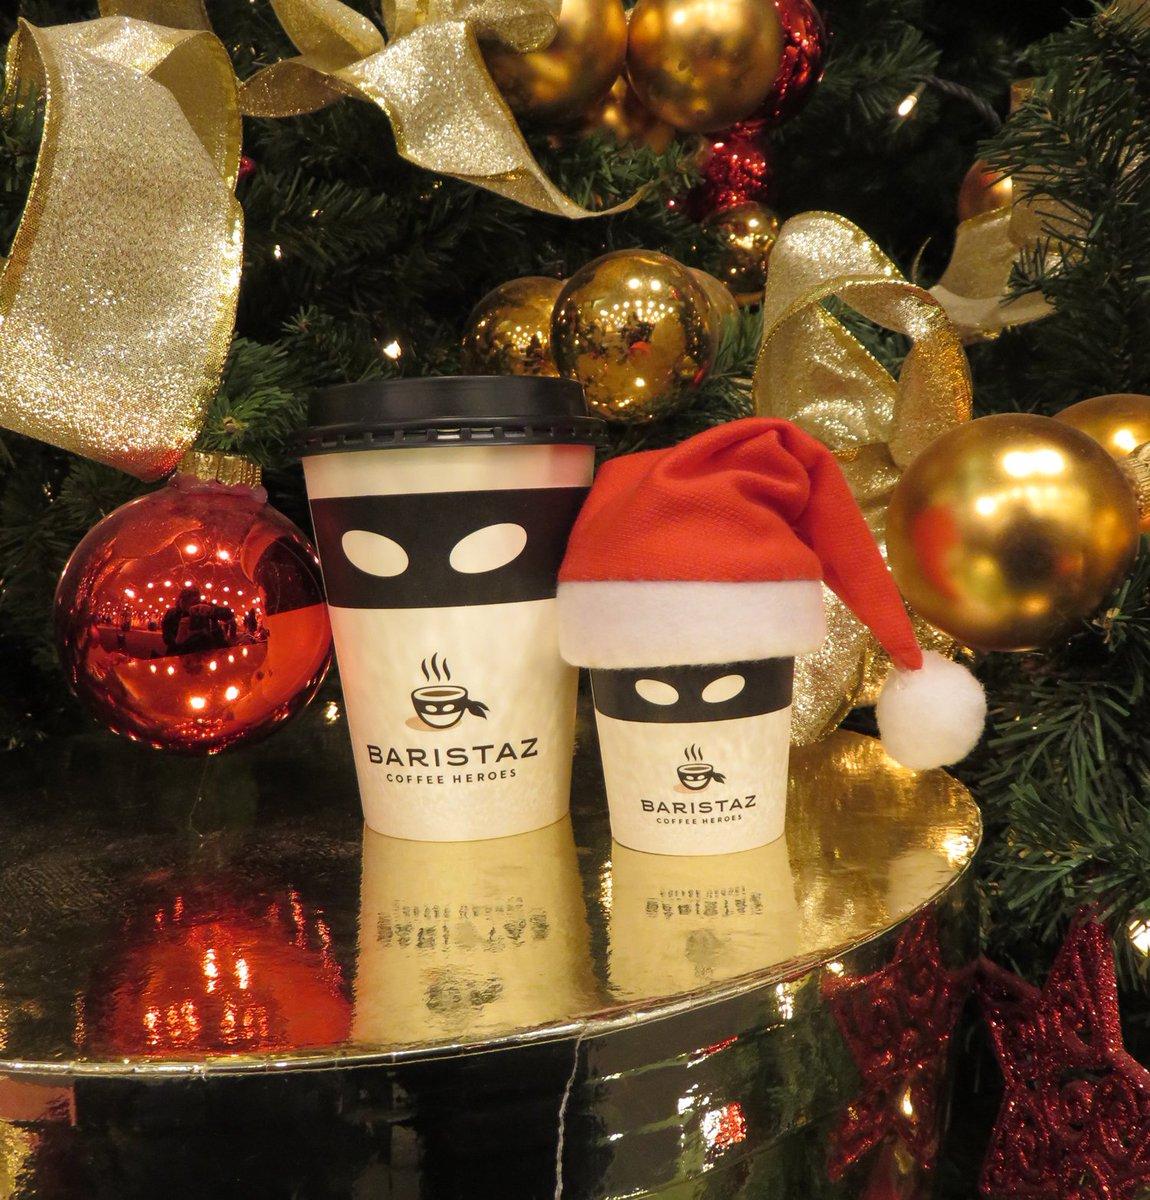 Besinnliche Weihnachten Und Einen Guten Rutsch Ins Neue Jahr.Baristaz On Twitter Das Team Von Baristaz Wünscht Eine Besinnliche